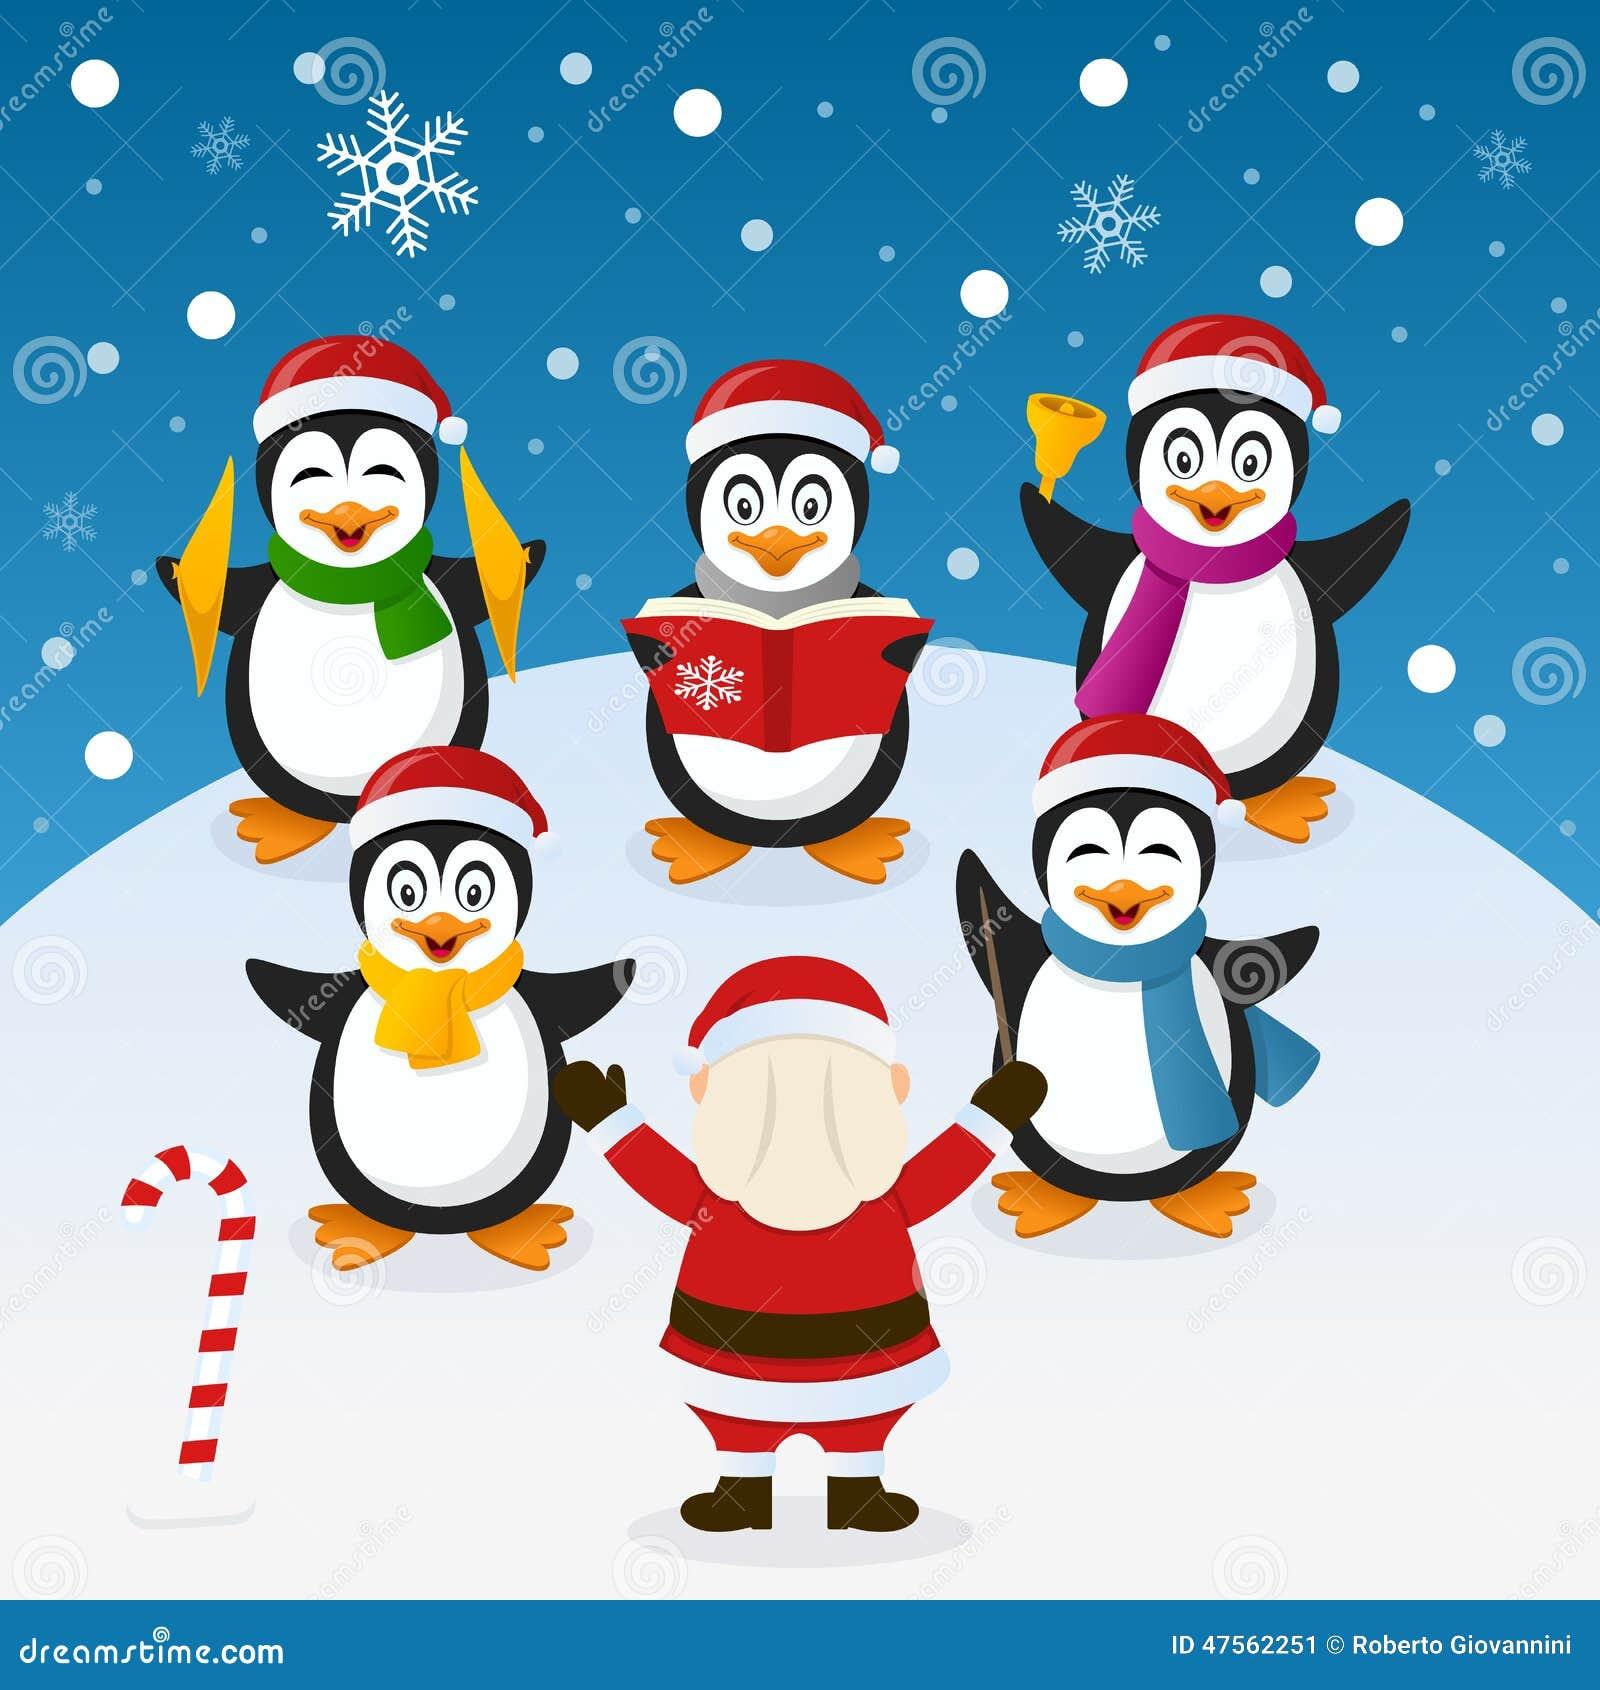 Weihnachten Carol Mit Pinguin-Orchester Vektor Abbildung ...